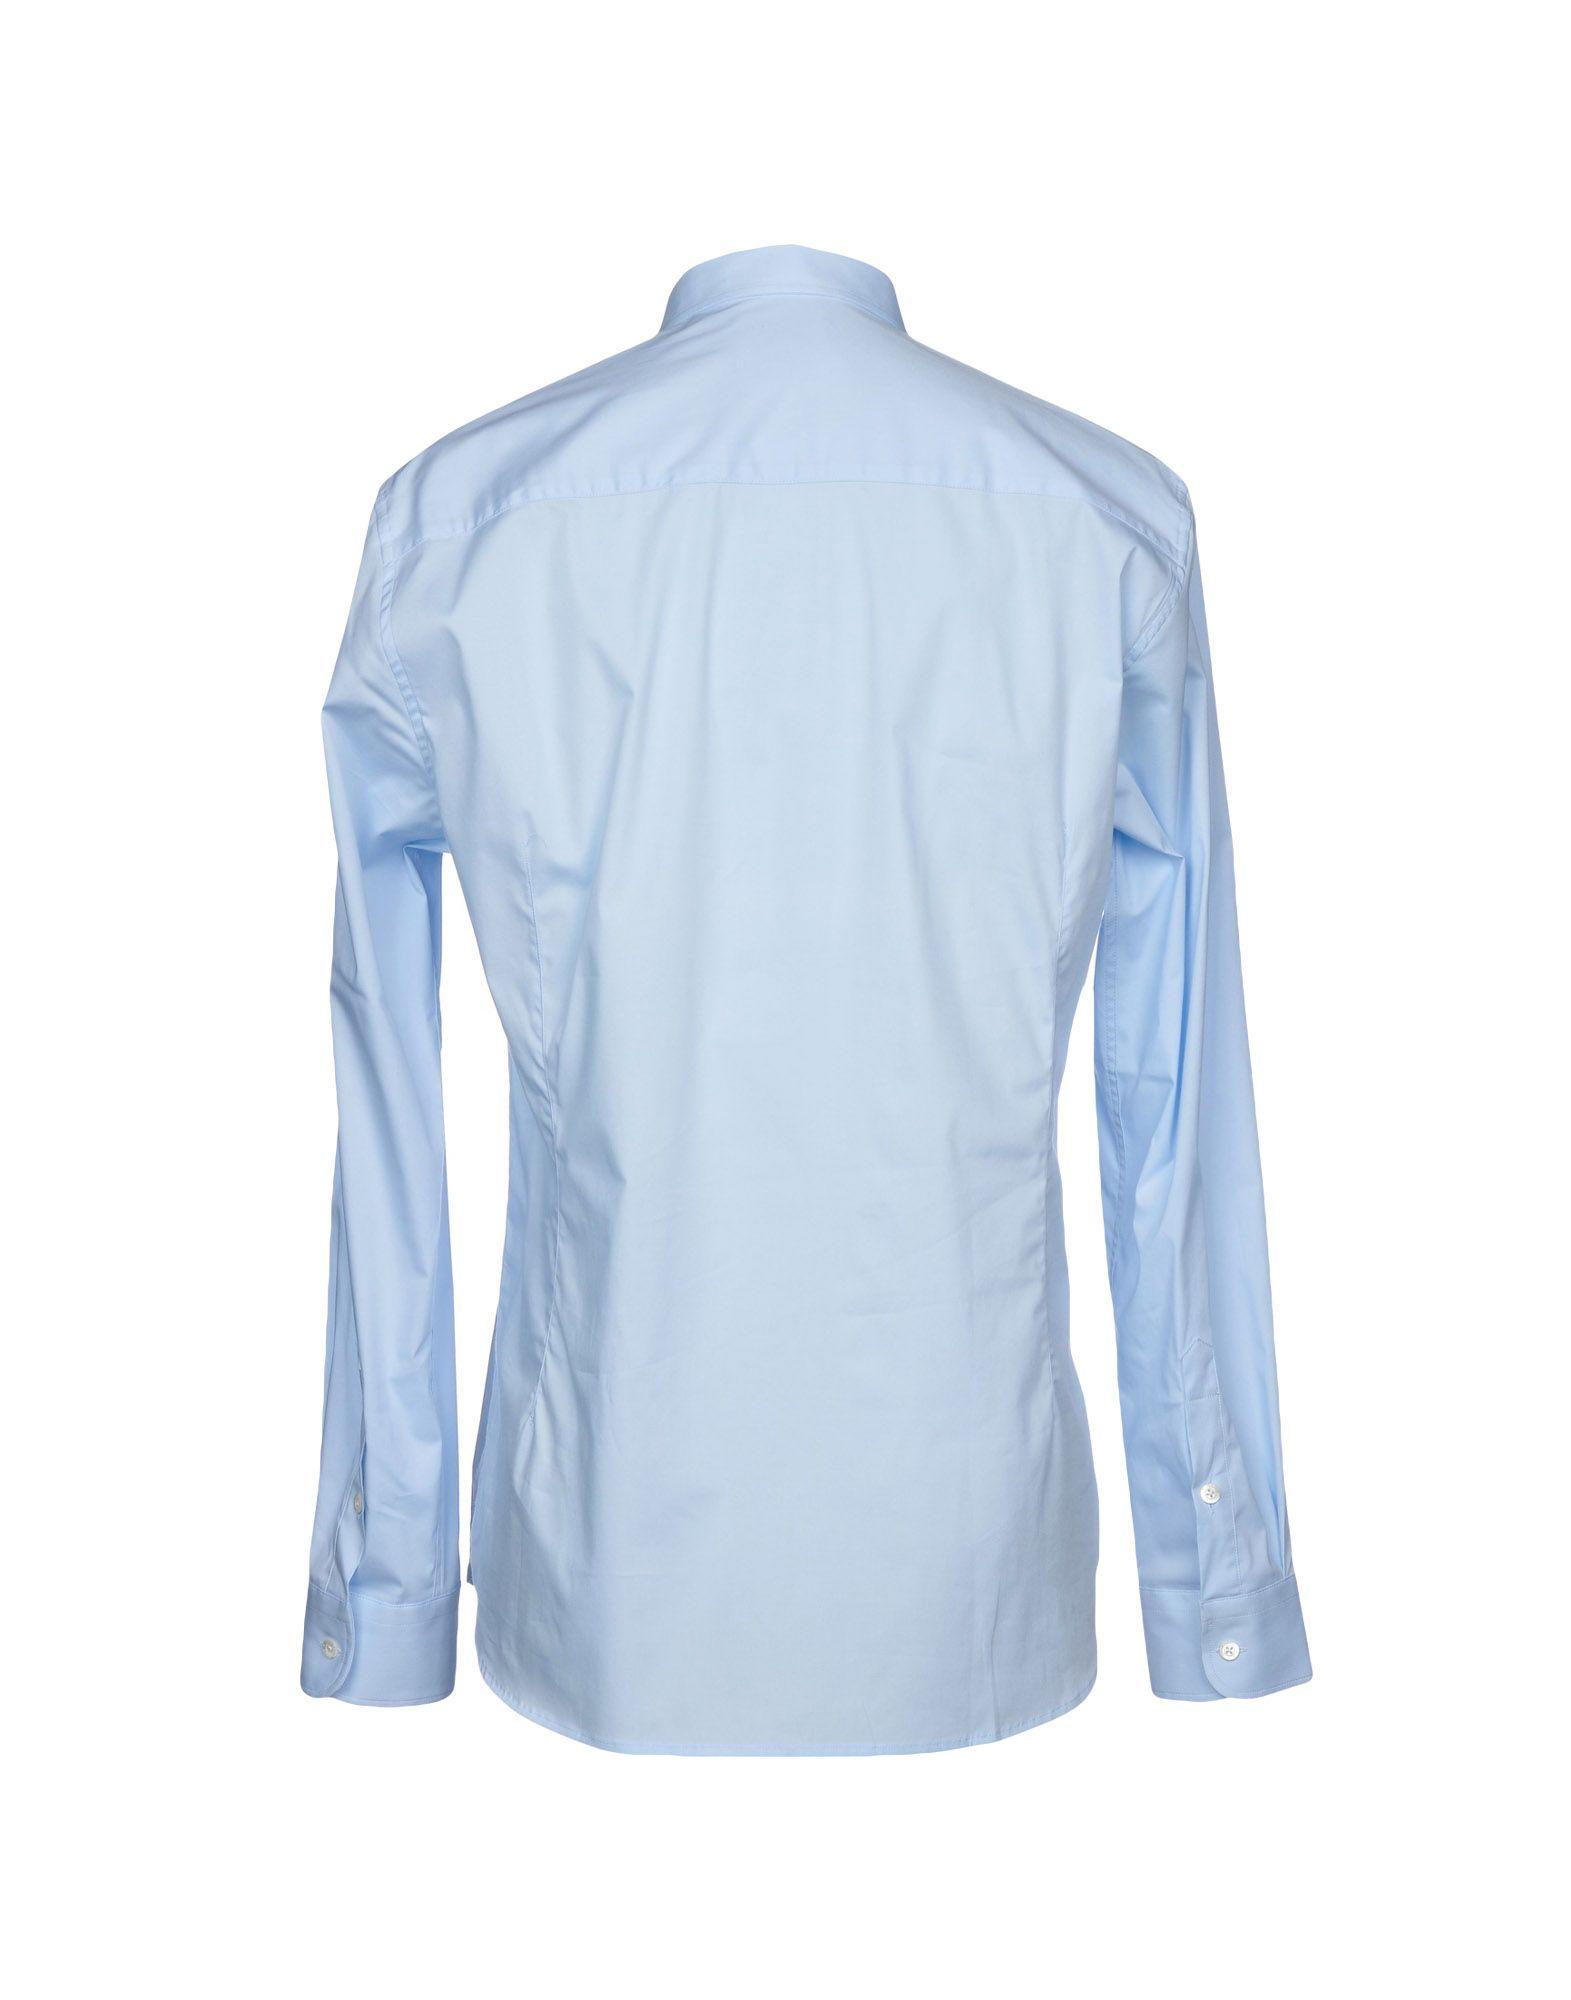 Camicia Tinta Tinta Camicia Unita Paul & Joe Uomo - 38740320XS 1238d5